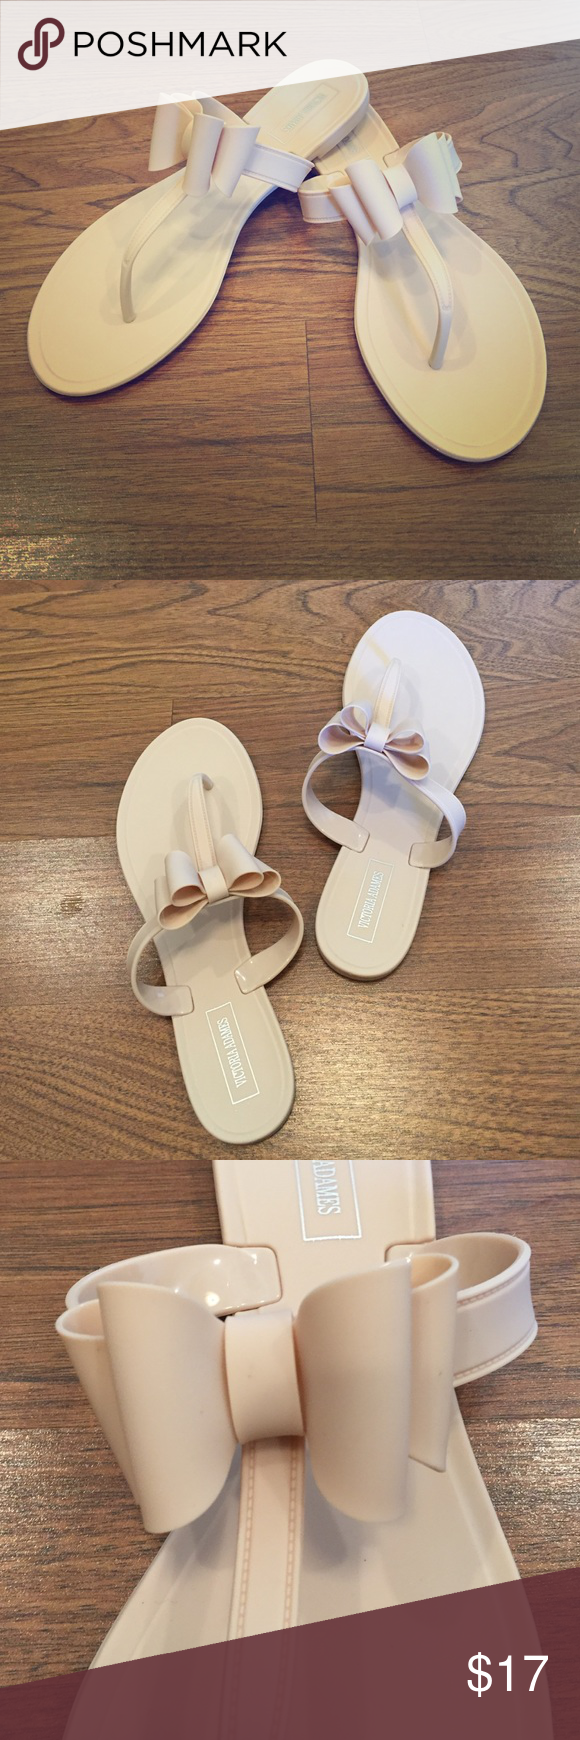 3b3647b535bb NEW Victoria Adames Nude Jelly Sandals With Bow Adorable nude jelly sandals  with bow detail.